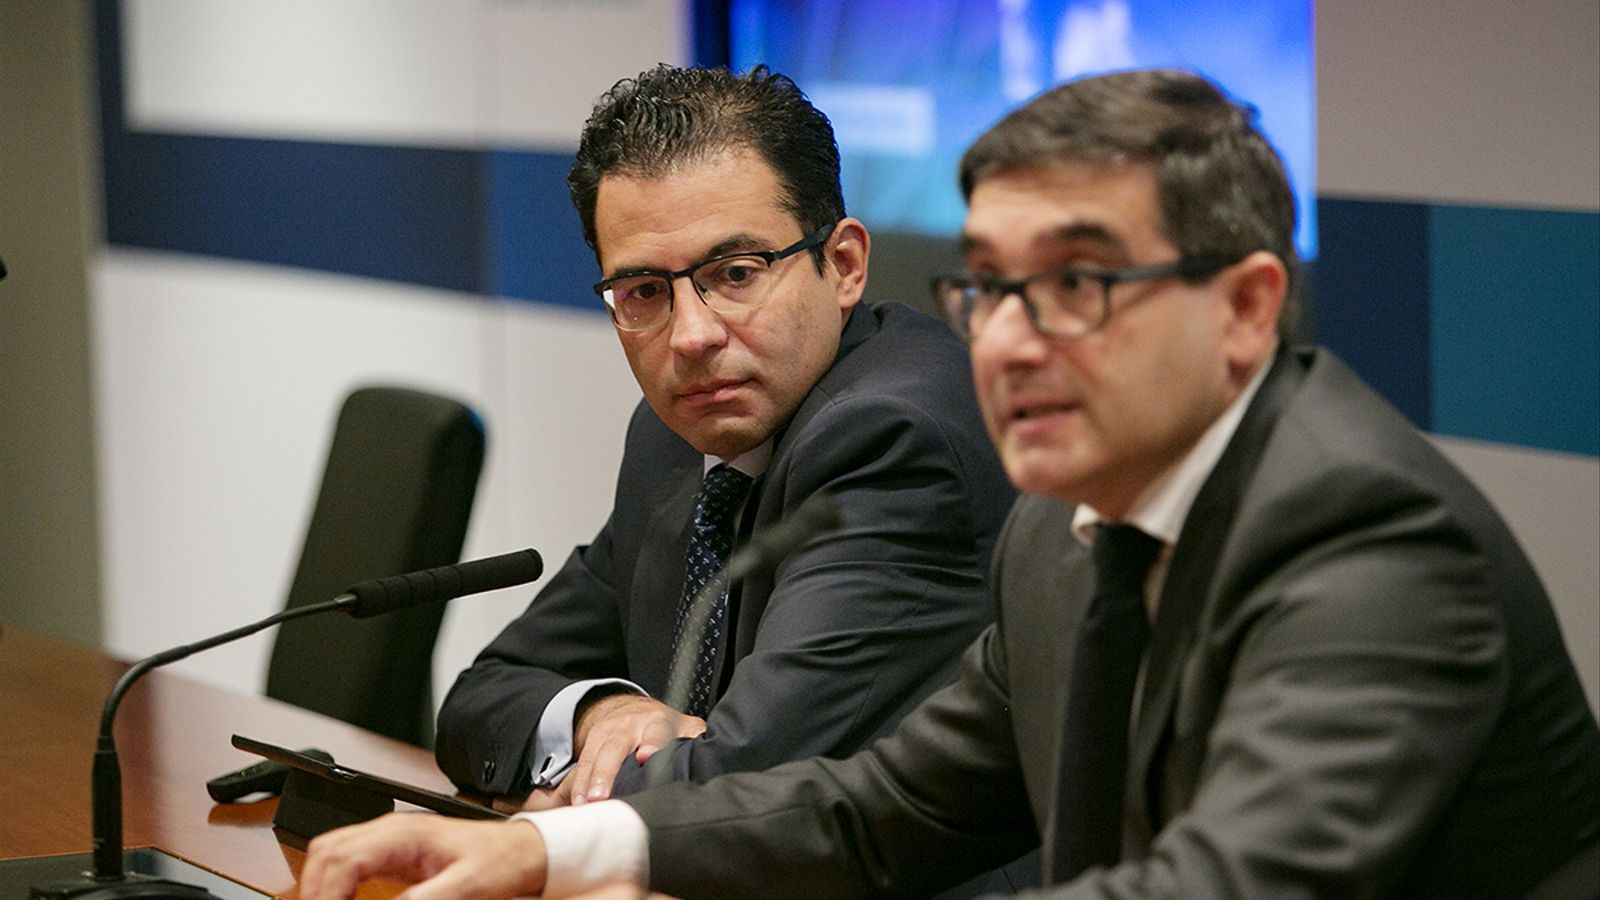 Miguel Cardoso, economista en cap per a Espanya de BBVA, i Xavier Linares, director del banc a Catalunya.